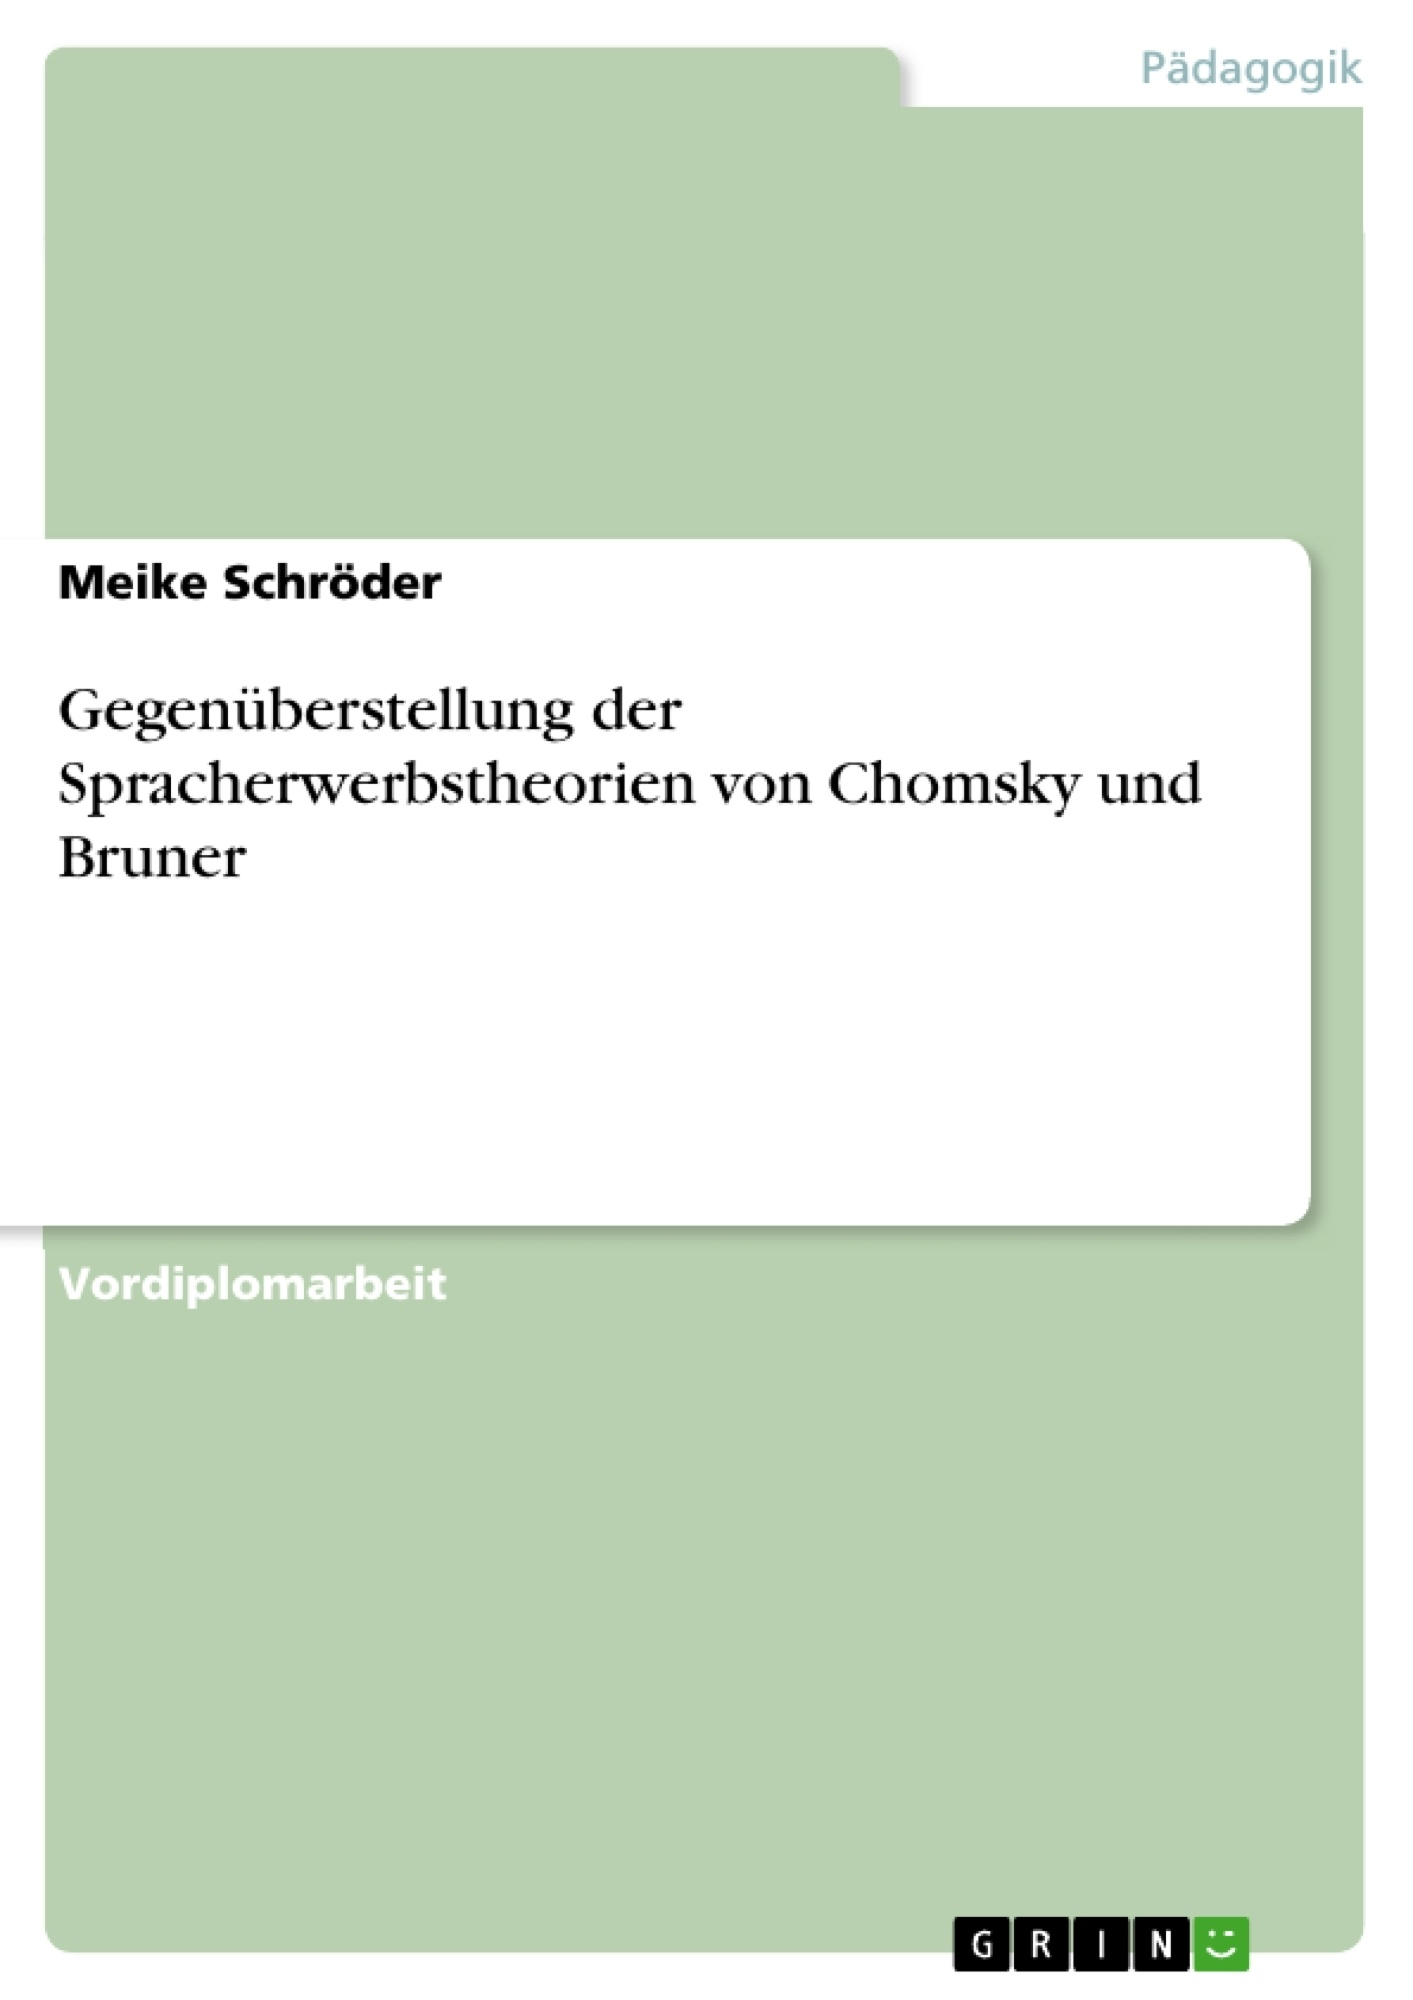 Titel: Gegenüberstellung der Spracherwerbstheorien von Chomsky und Bruner